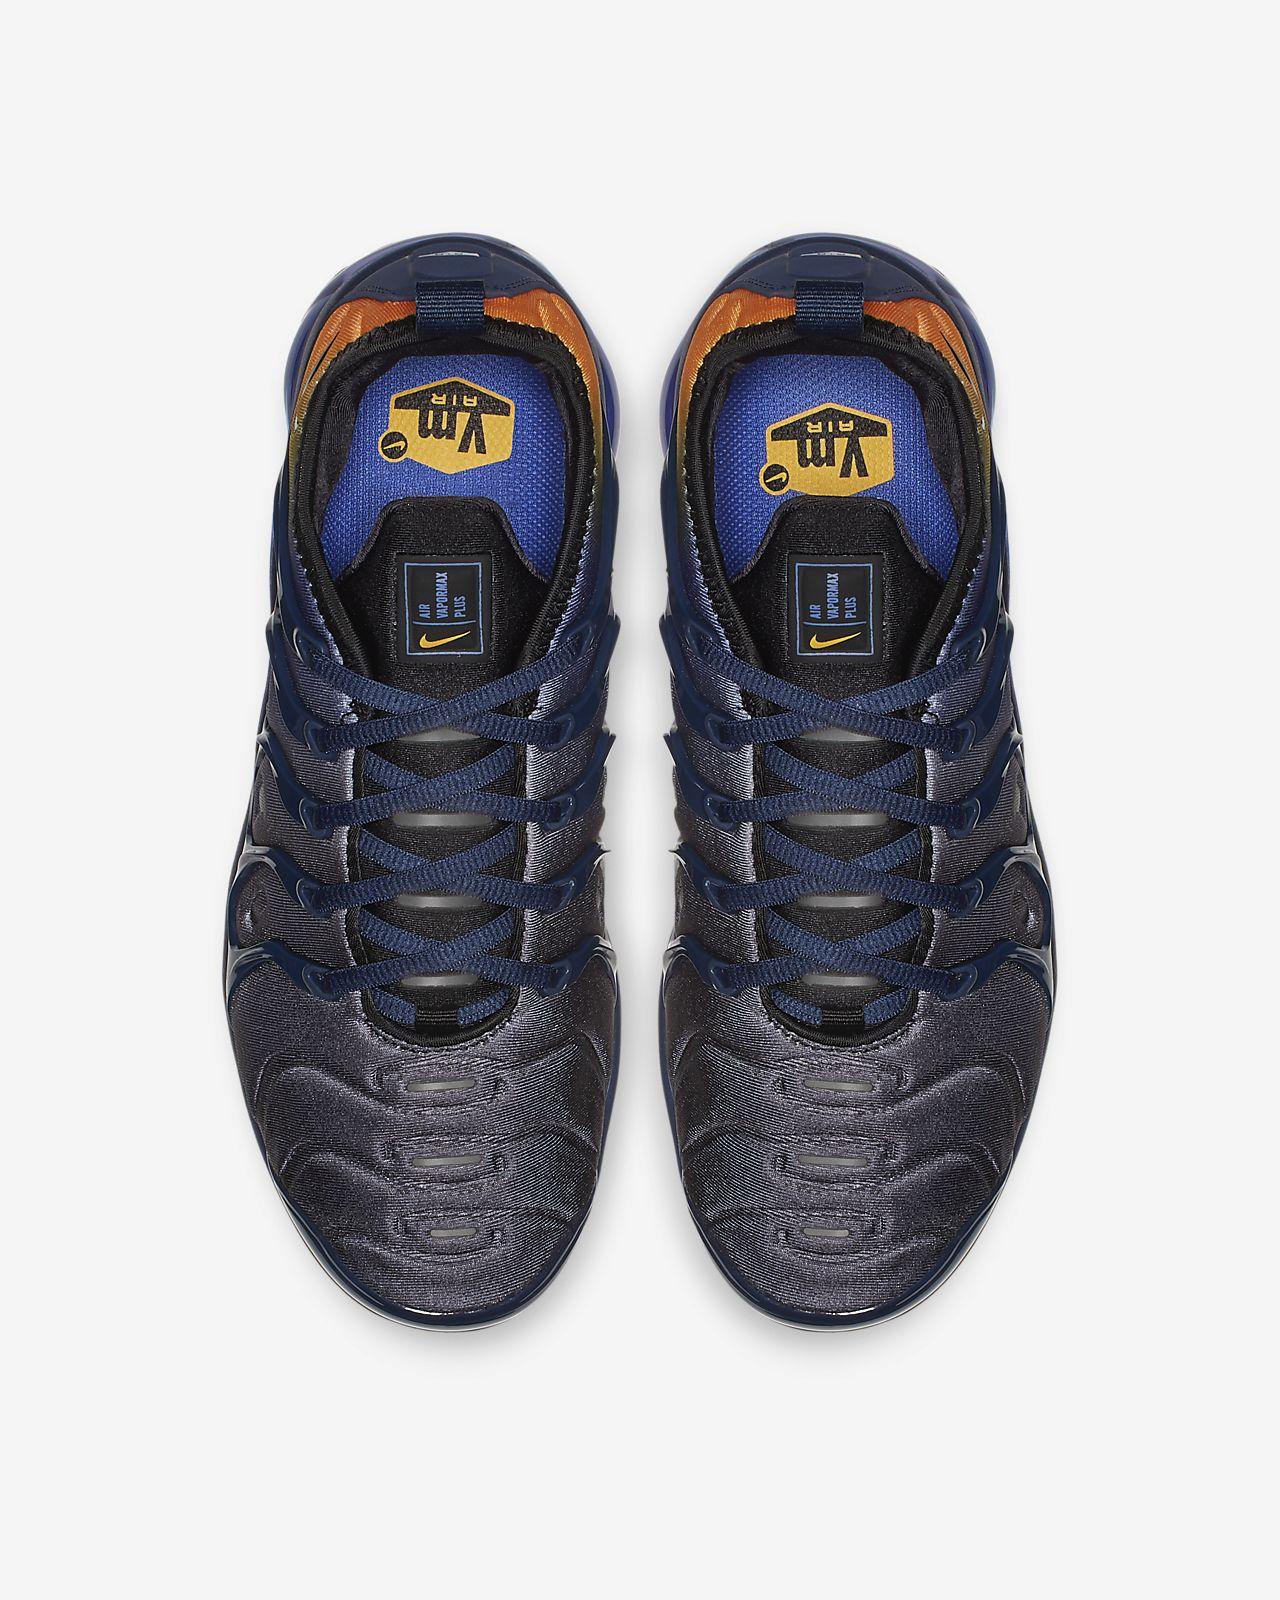 7f4a6553f07 Nike Air VaporMax Plus Women s Shoe. Nike.com